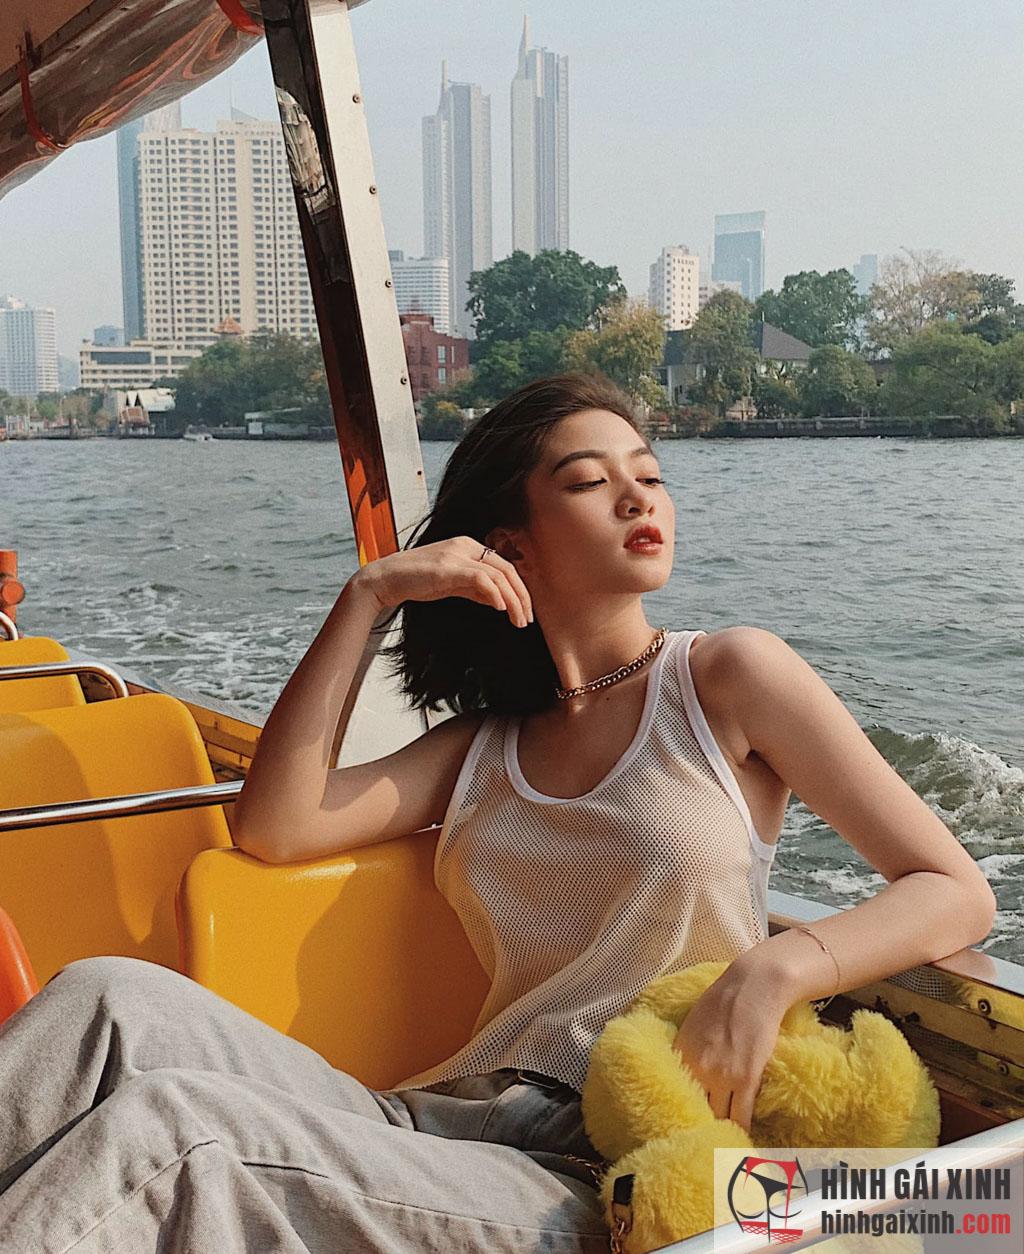 Gái xinh Trần Minh Thiên Di 2k1 sở hữu vòng 1 cực khủng không thua kém bất kỳ hot girl nào